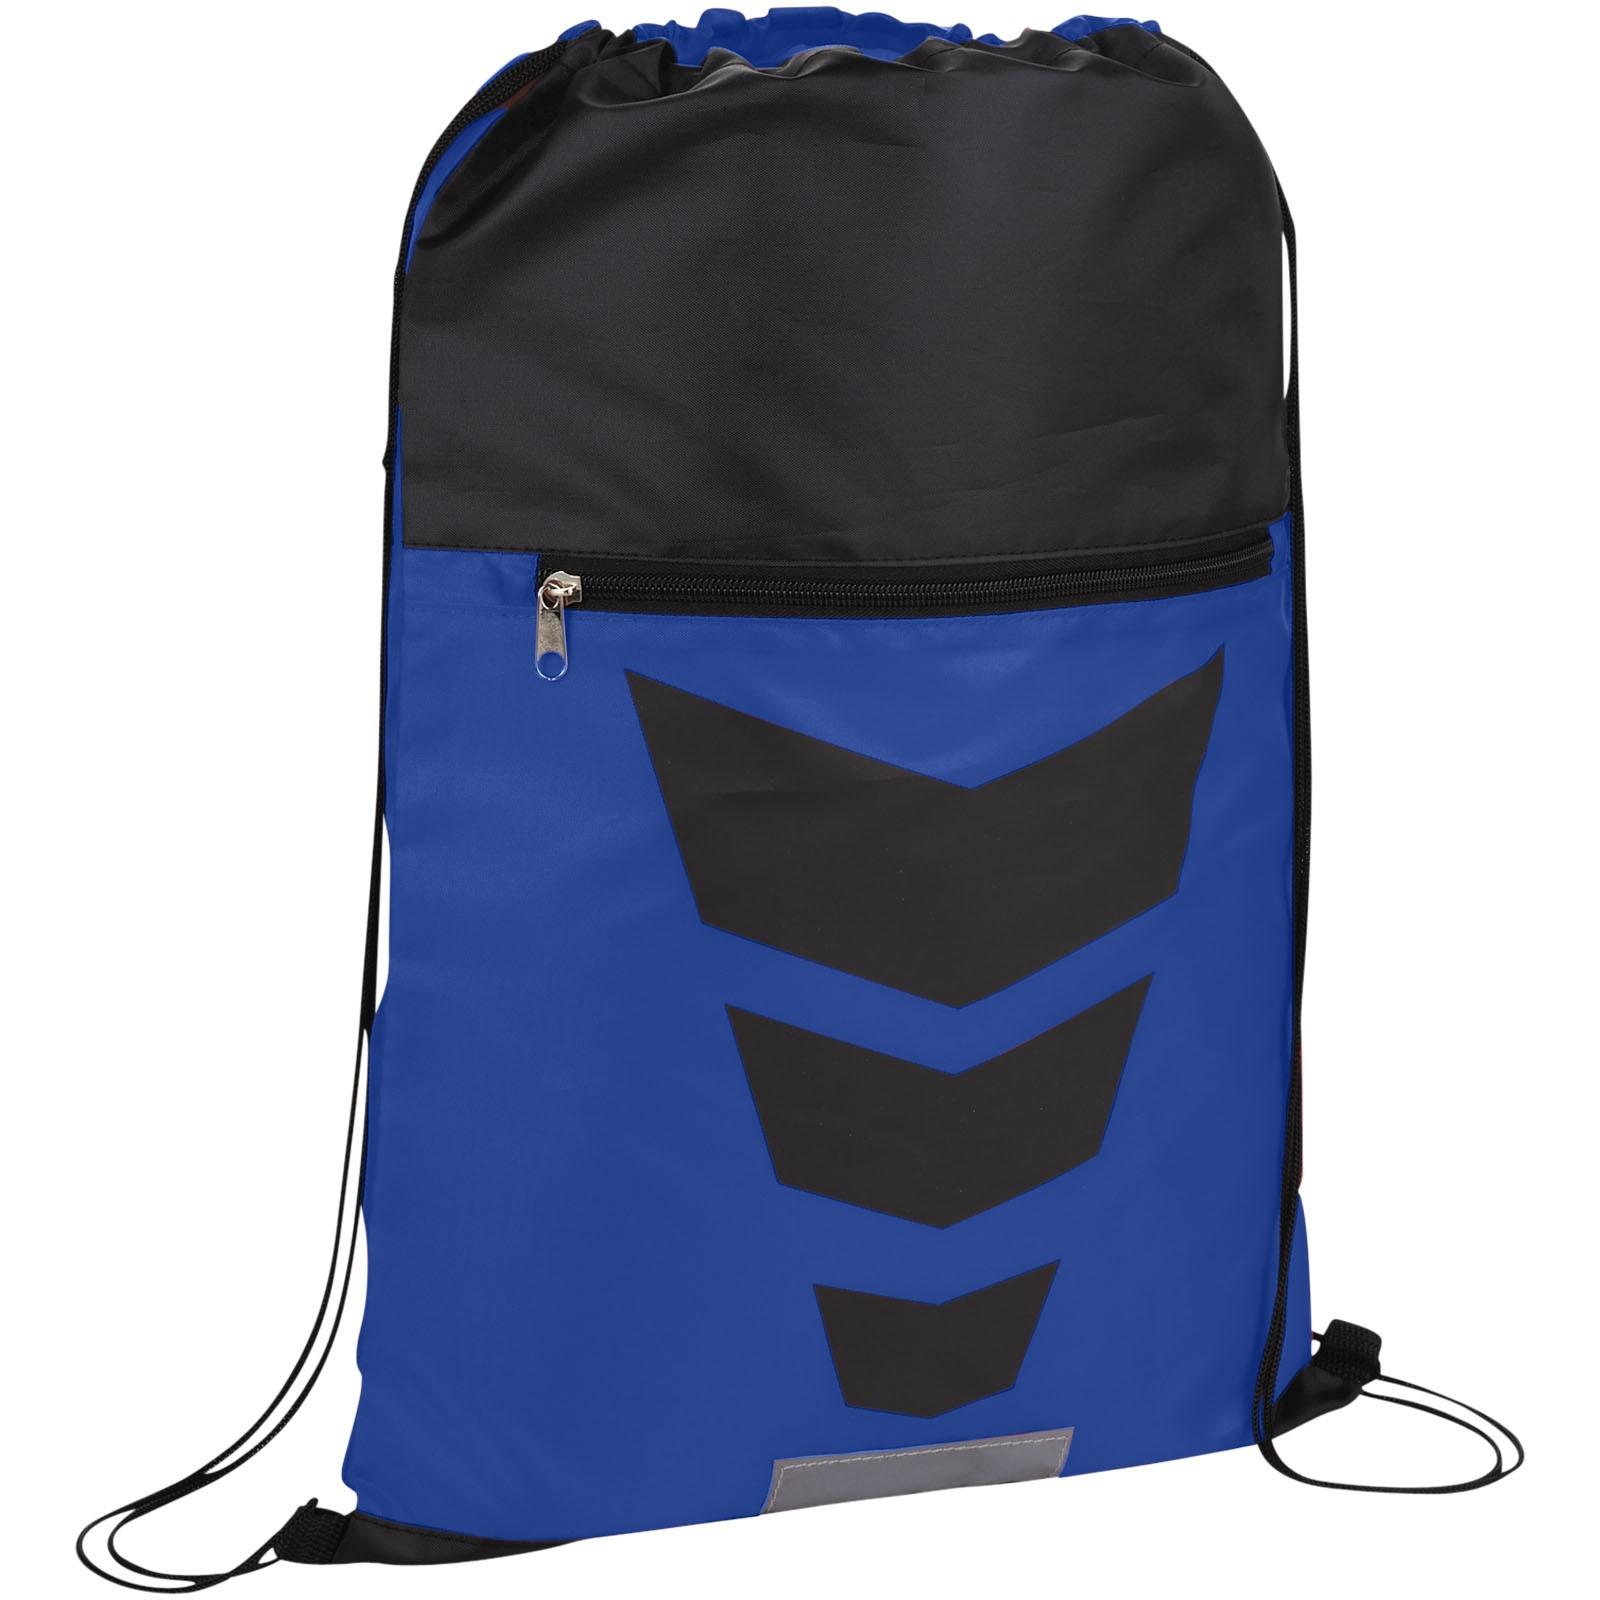 Sportovní batůžek Courtside - Světle modrá / Černá